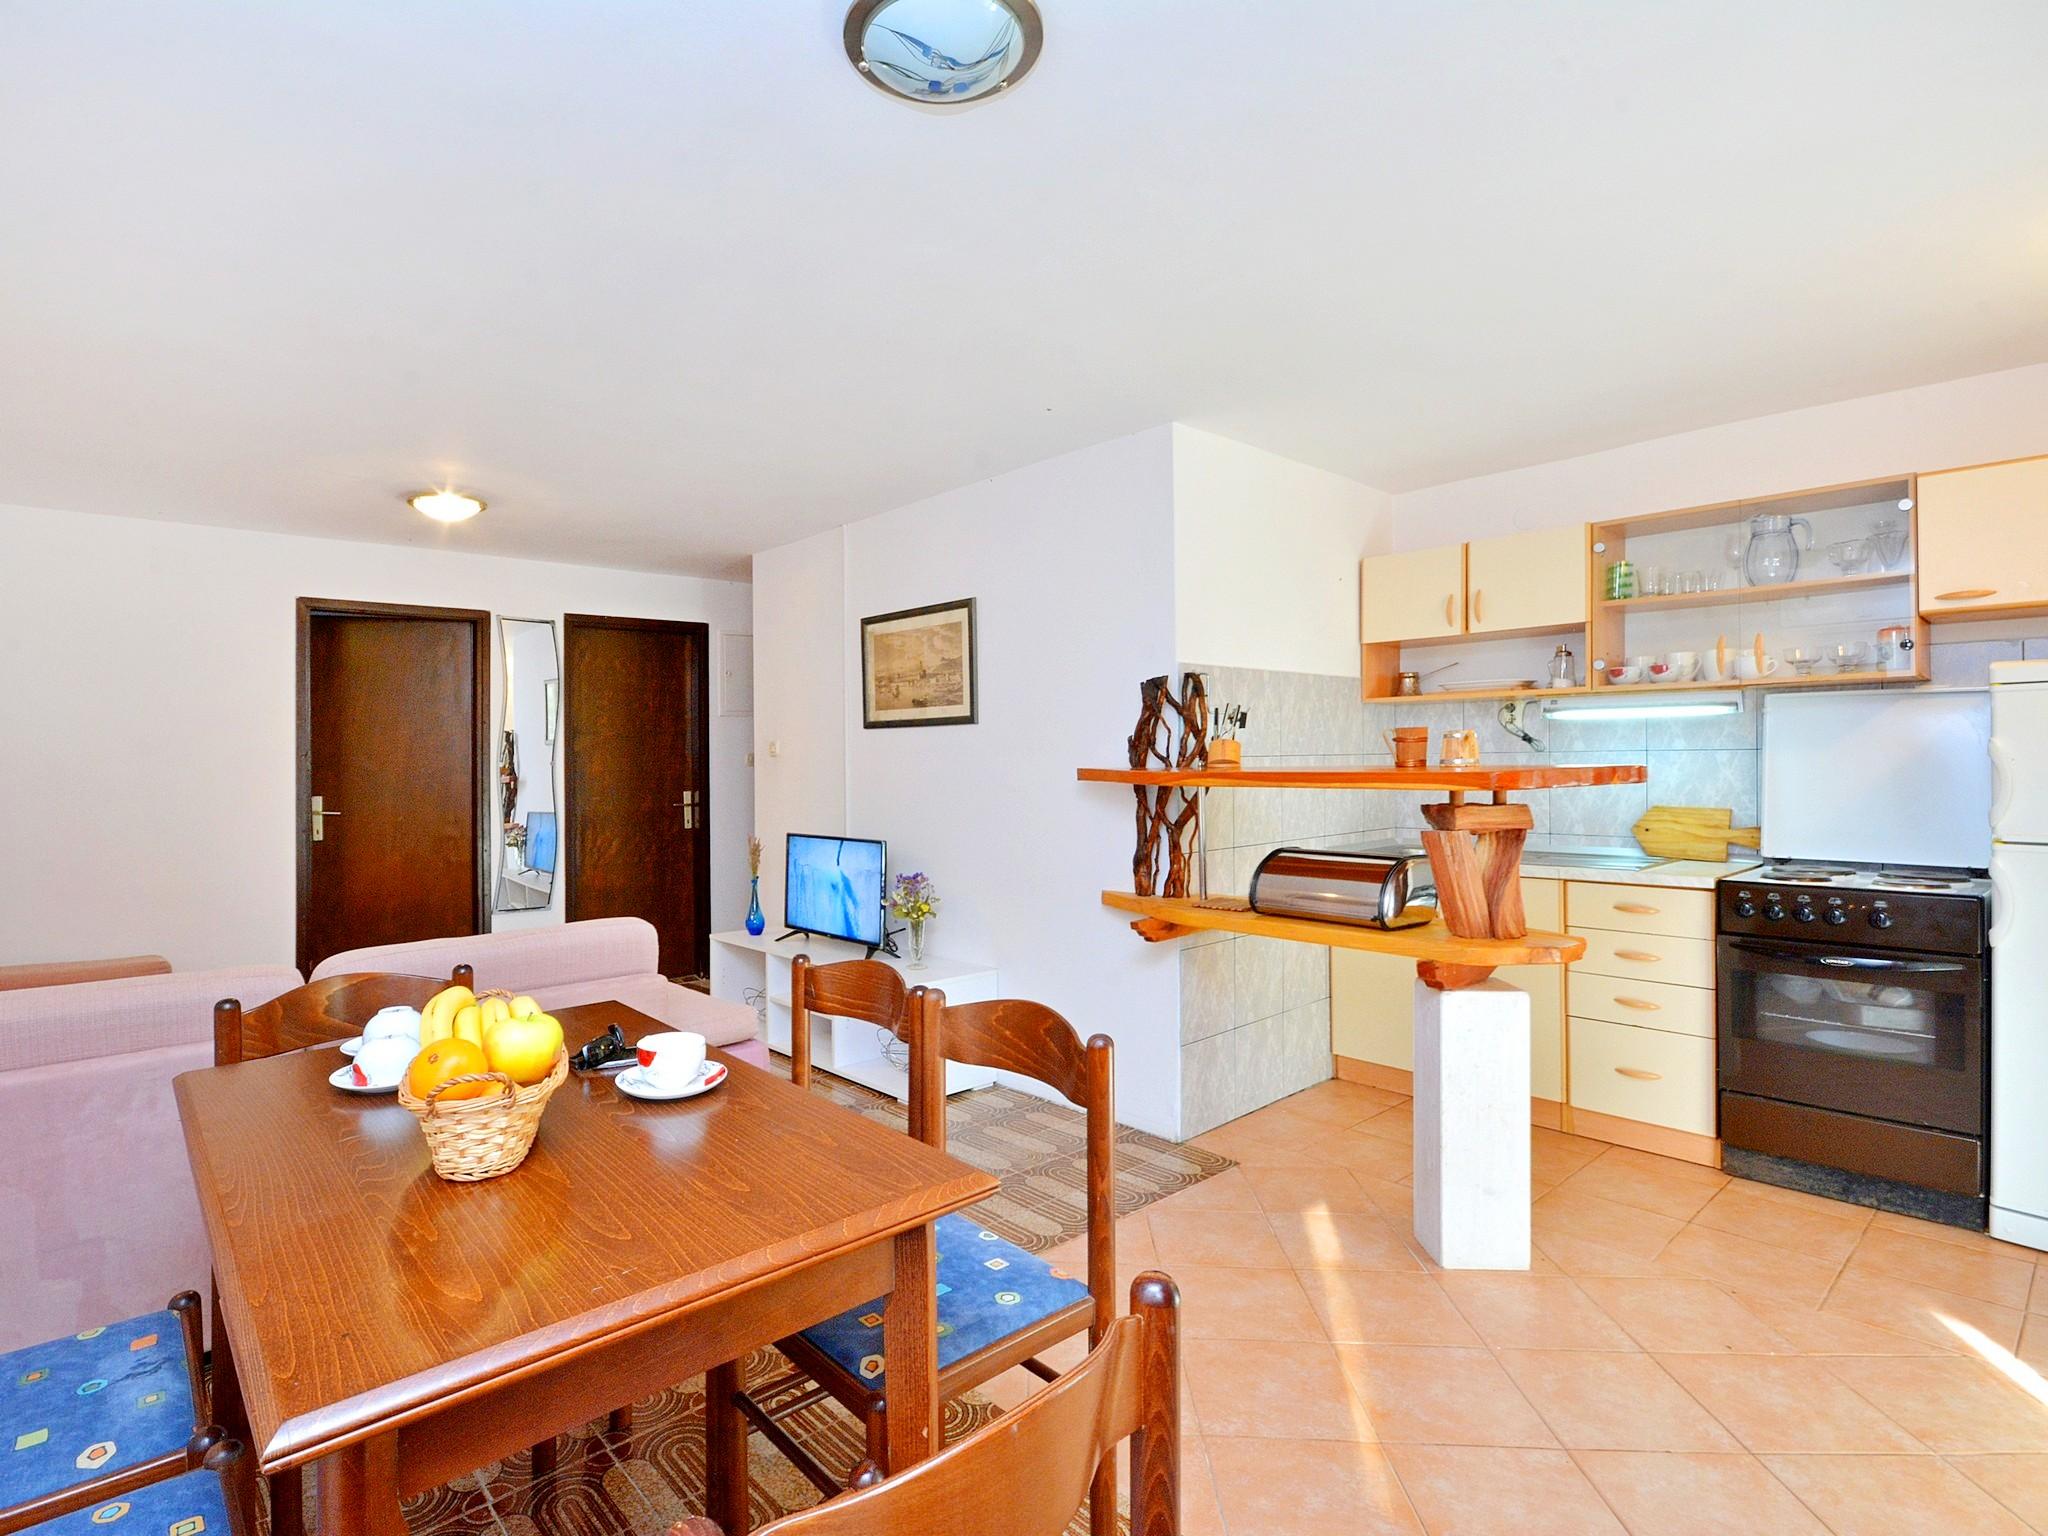 Ferienwohnung Ferienwohnungen Duaan, Apartman A4 (942266), Vrbanj, Insel Hvar, Dalmatien, Kroatien, Bild 22